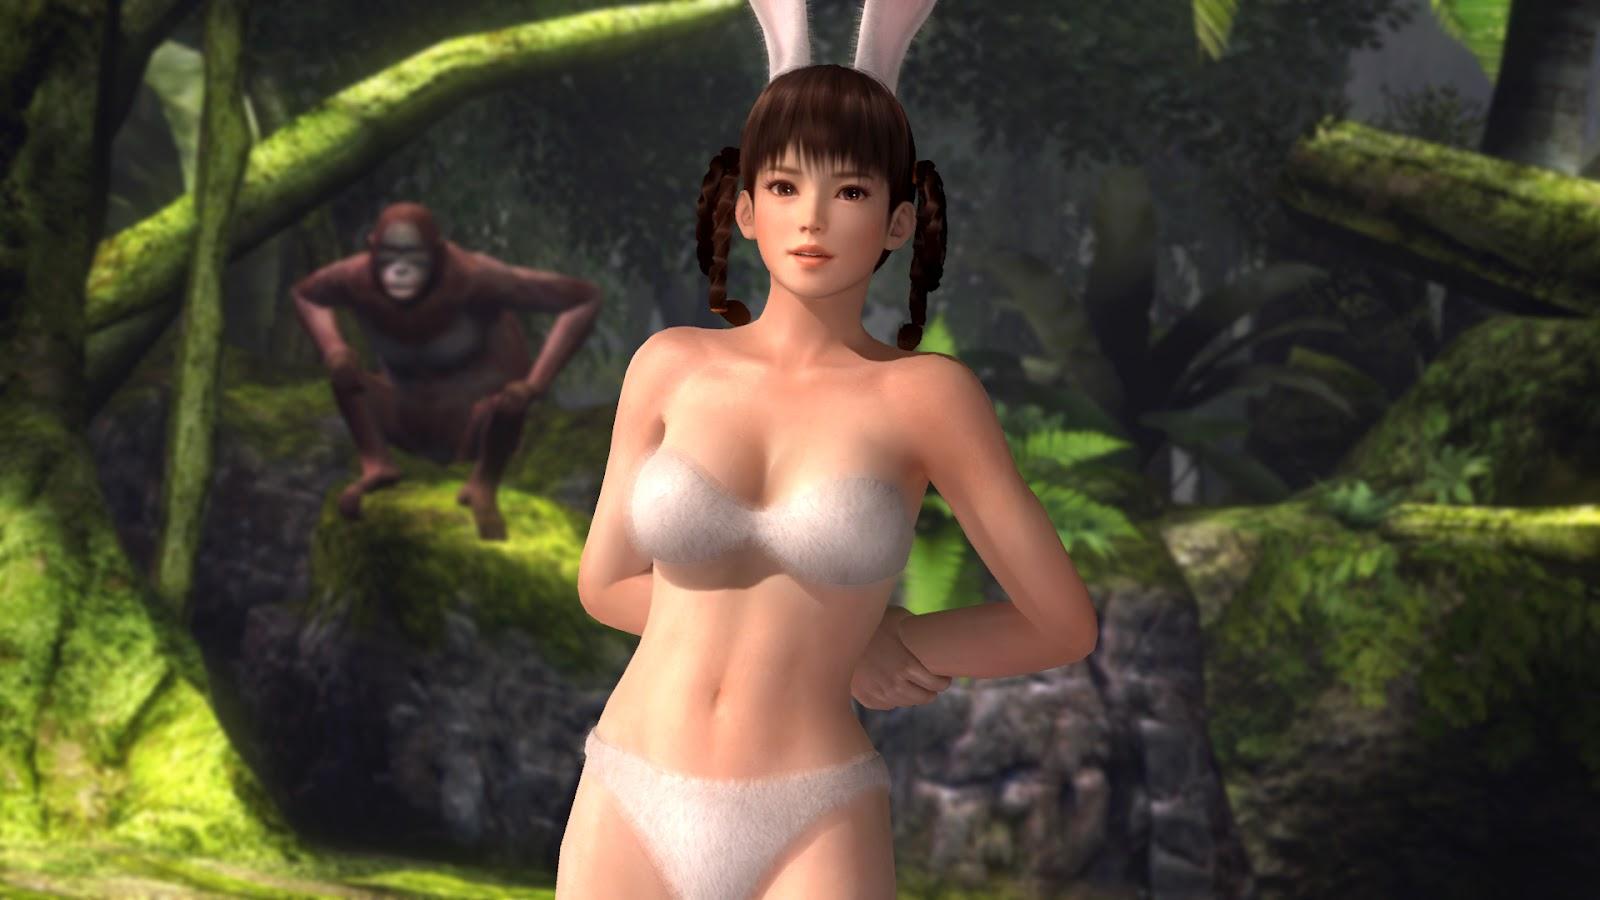 http://3.bp.blogspot.com/-0450mhAuYUM/UBdLLzVBh5I/AAAAAAAAIgg/nZZcsFnco-8/s1600/leifang_bunny_white.jpg